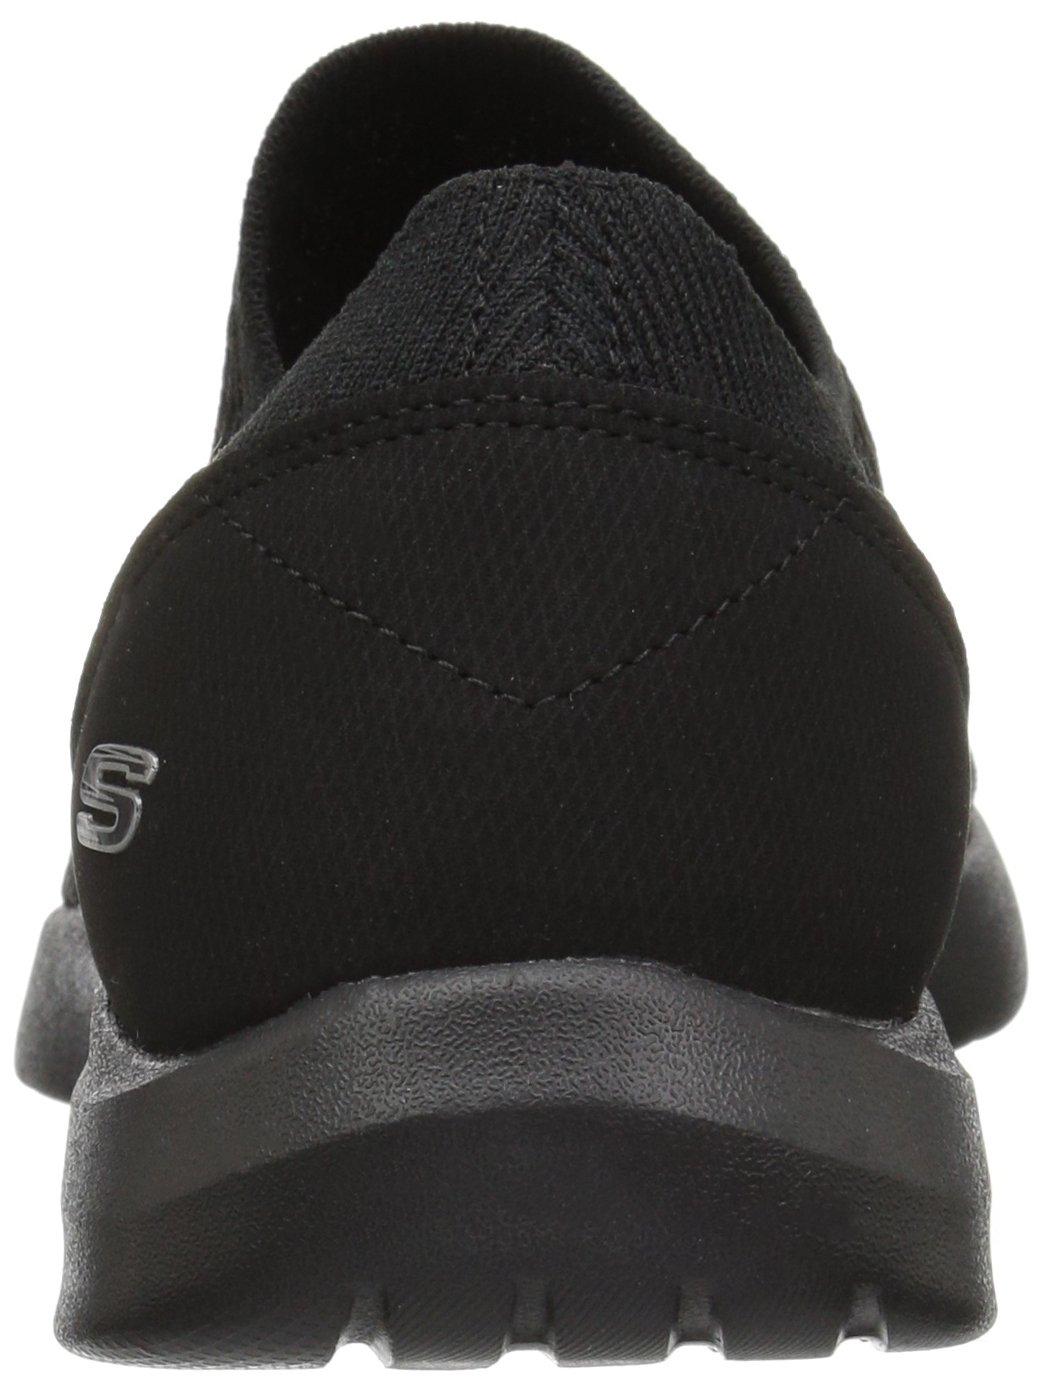 Skechers Damen Slipper Studio Comfort - Premiere CLAS 12882 12882 12882 WSL Weiß 412590 Schwarz cdc512